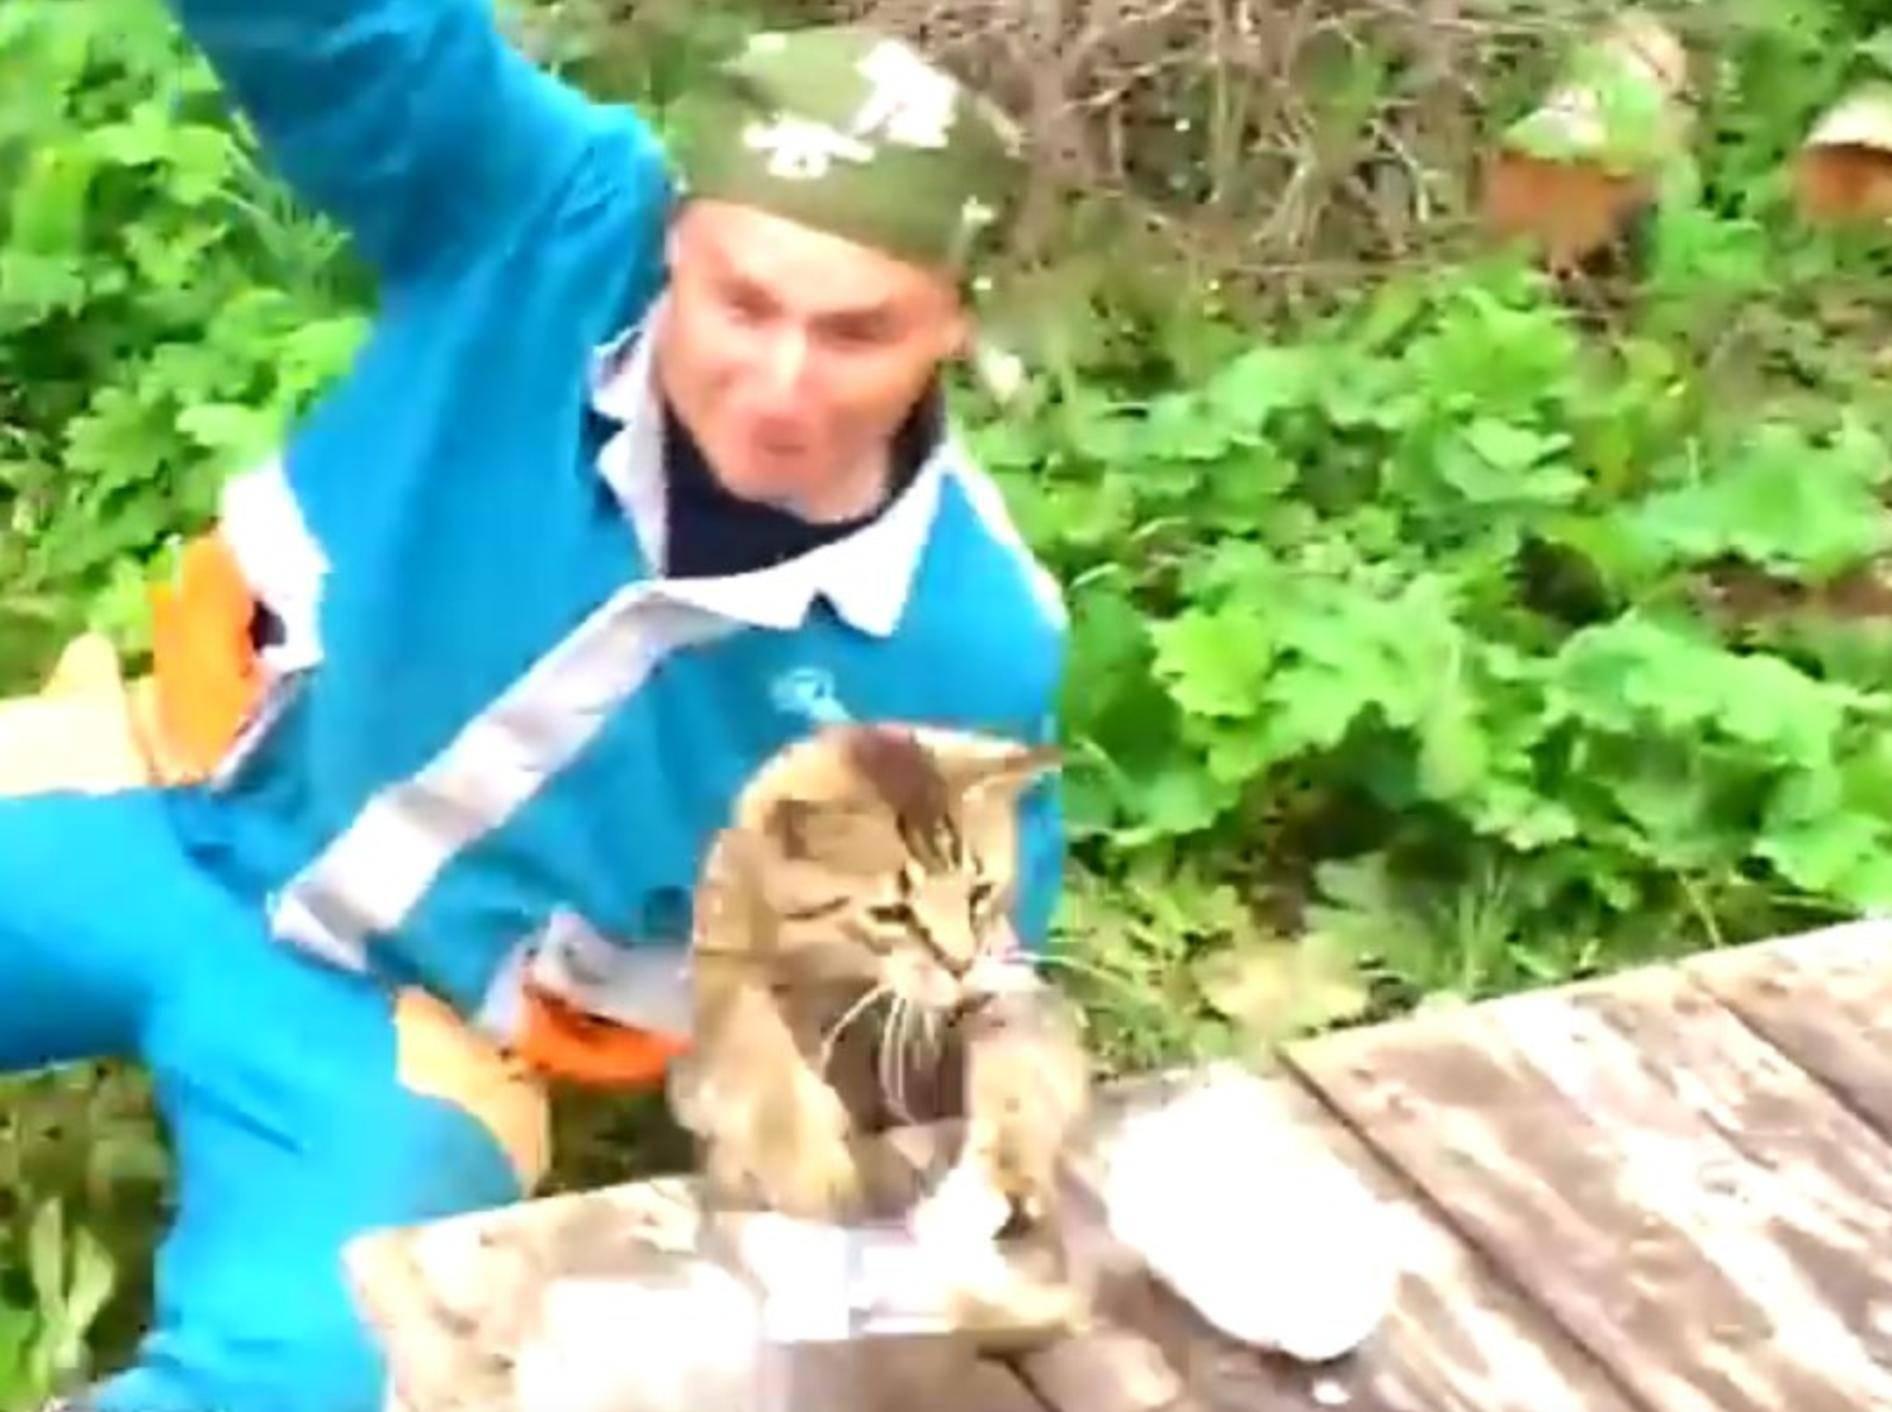 Gerade gefangen, schon wieder verloren. Armer Angler! – YouTube / ignoramusky